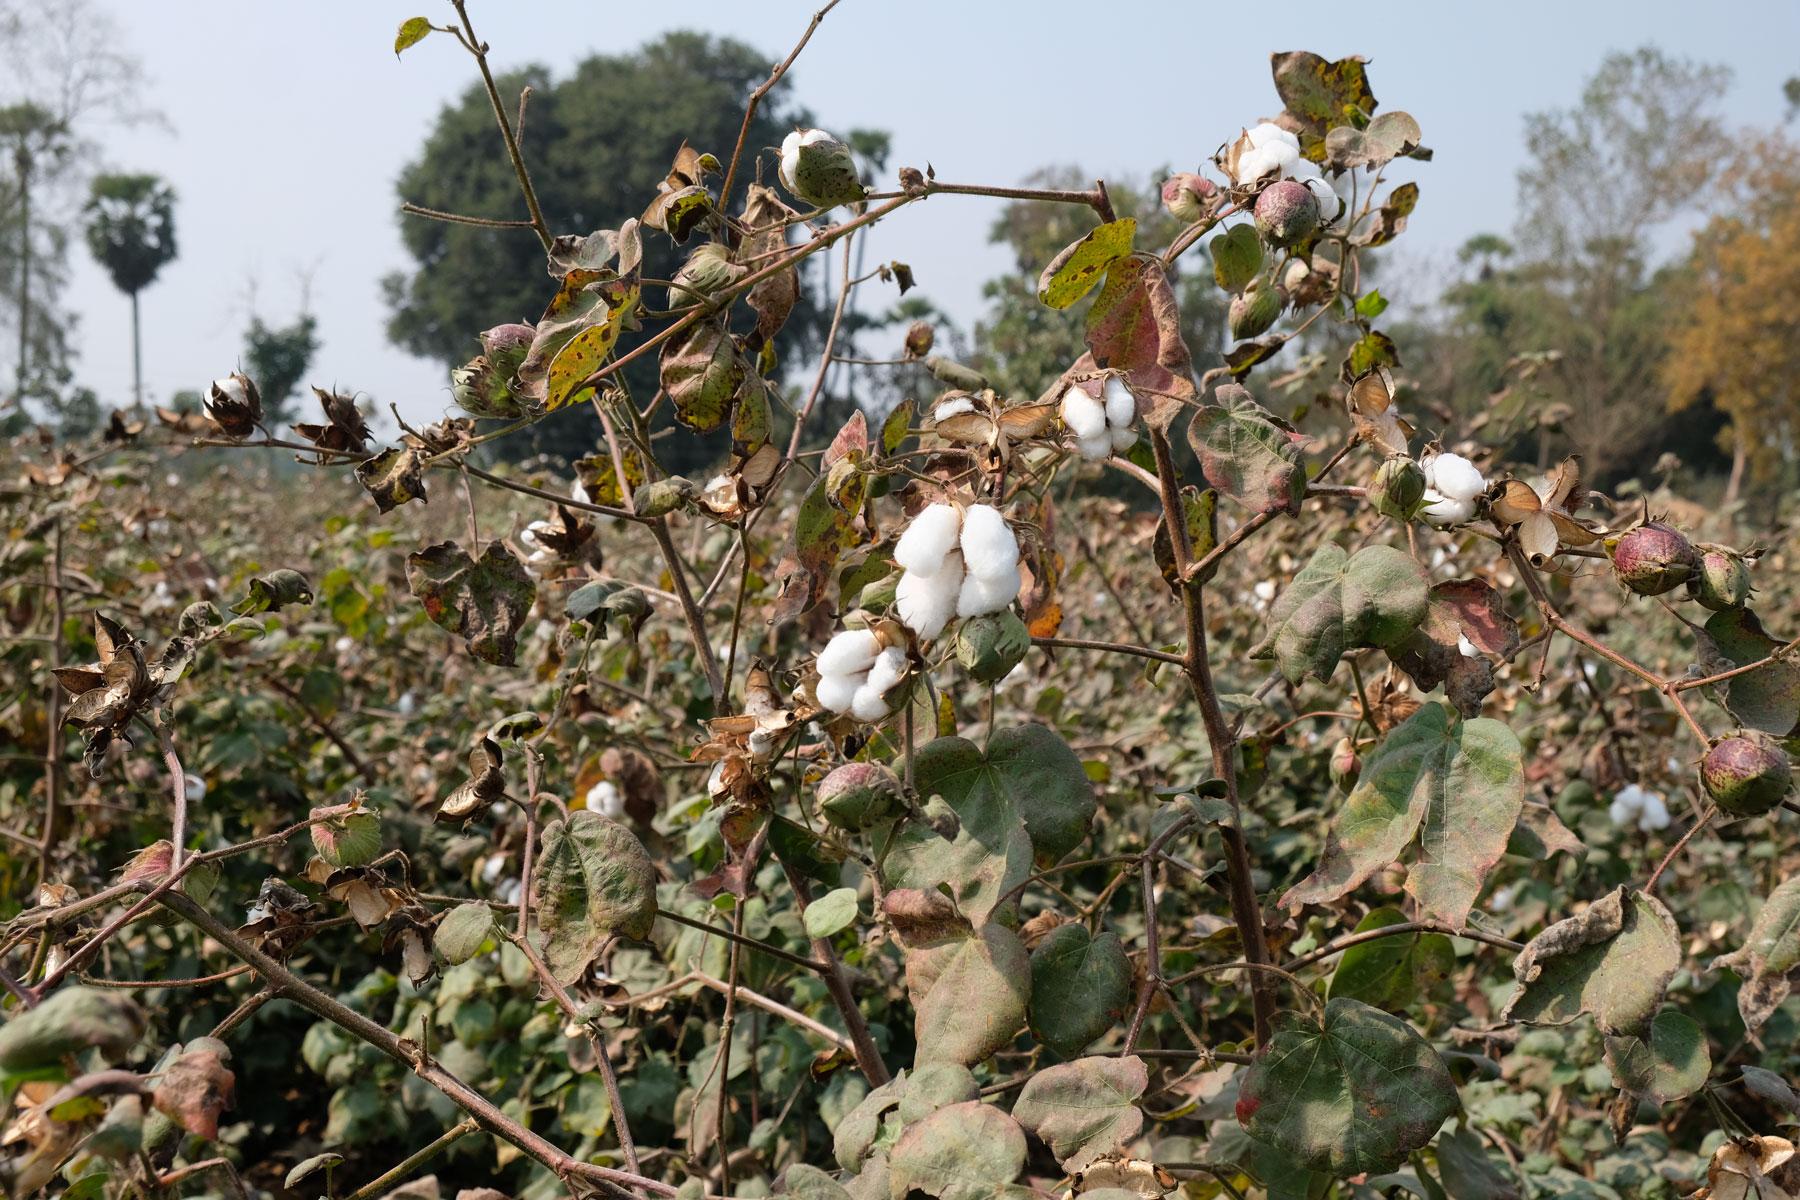 Baumwollpflanzen auf einem Feld in Indien.